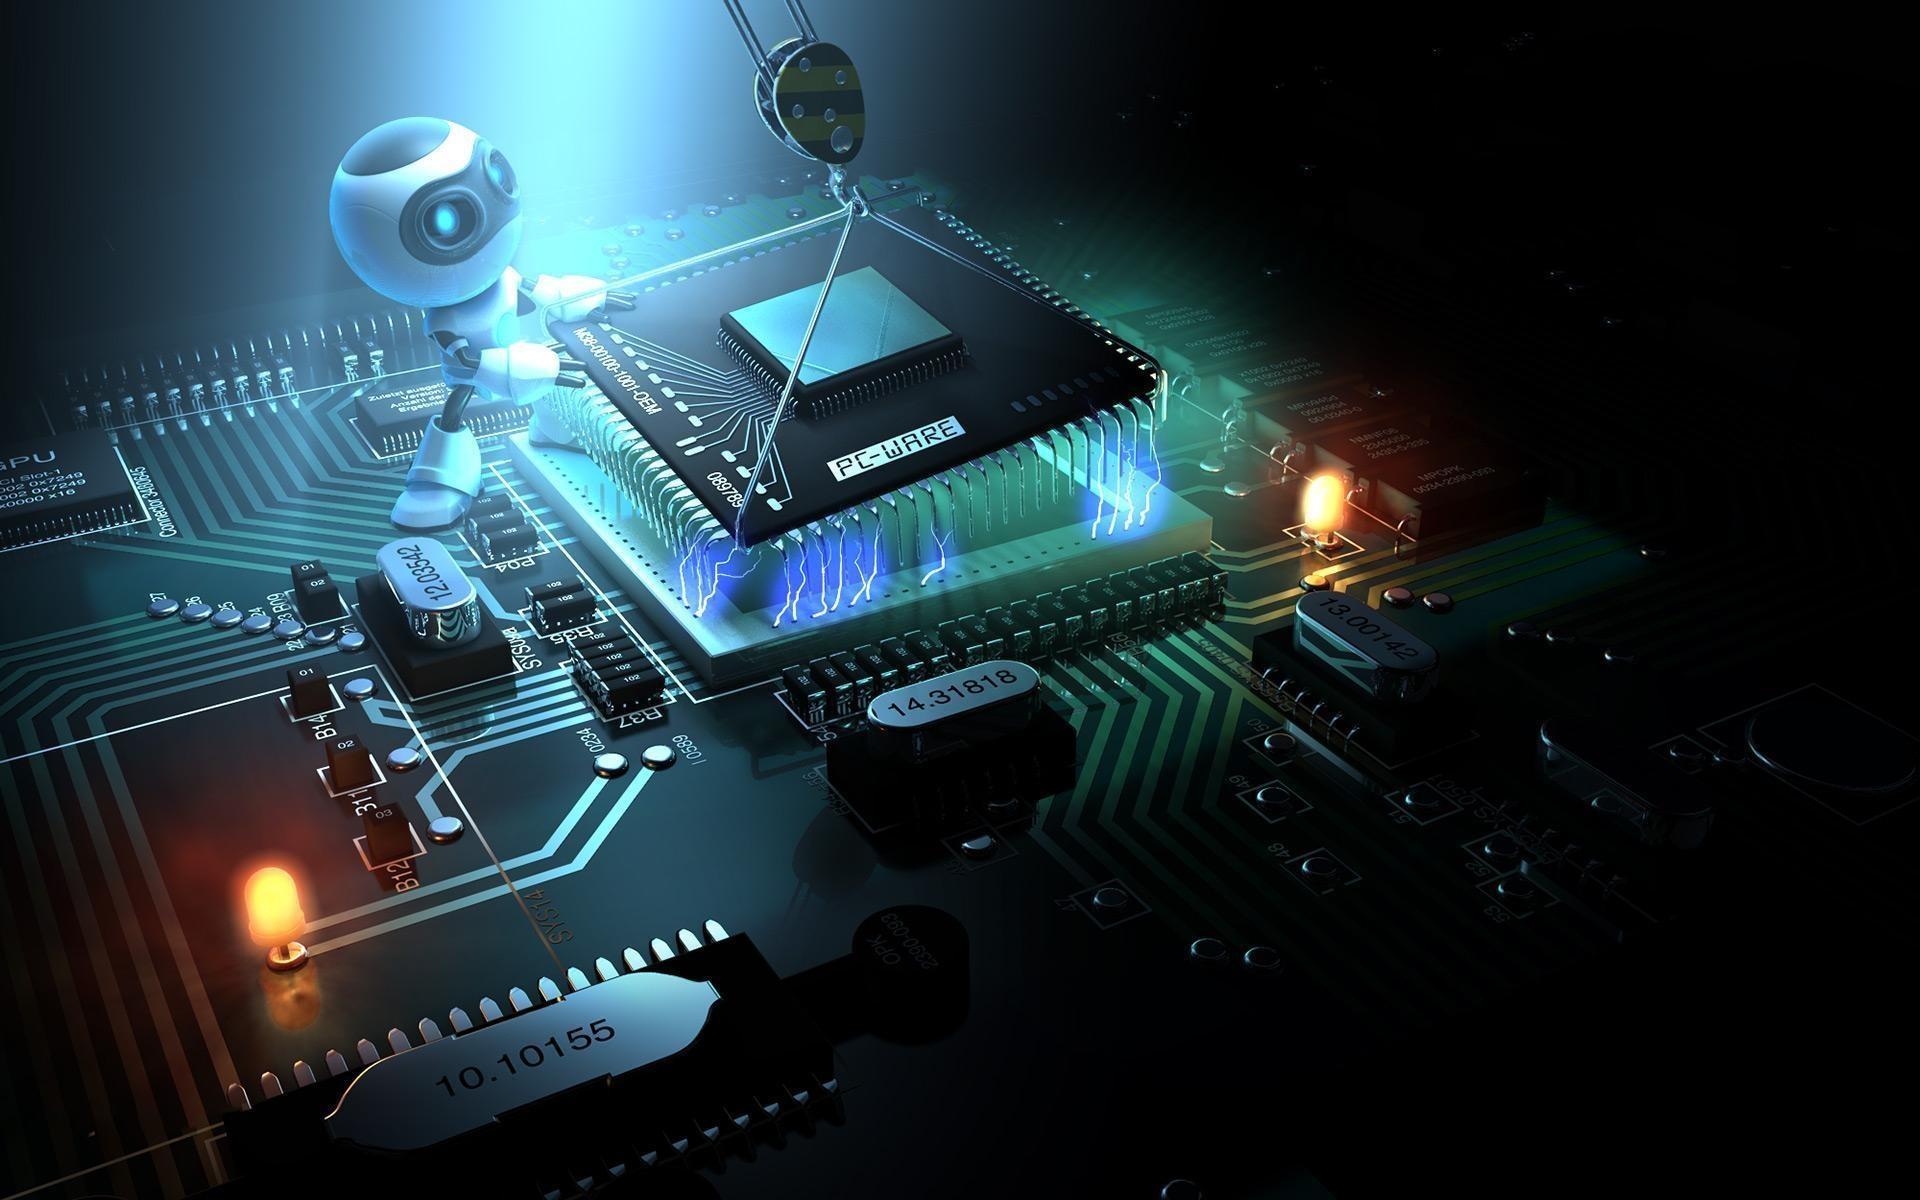 Hình nền 3D cho máy tính đẹp